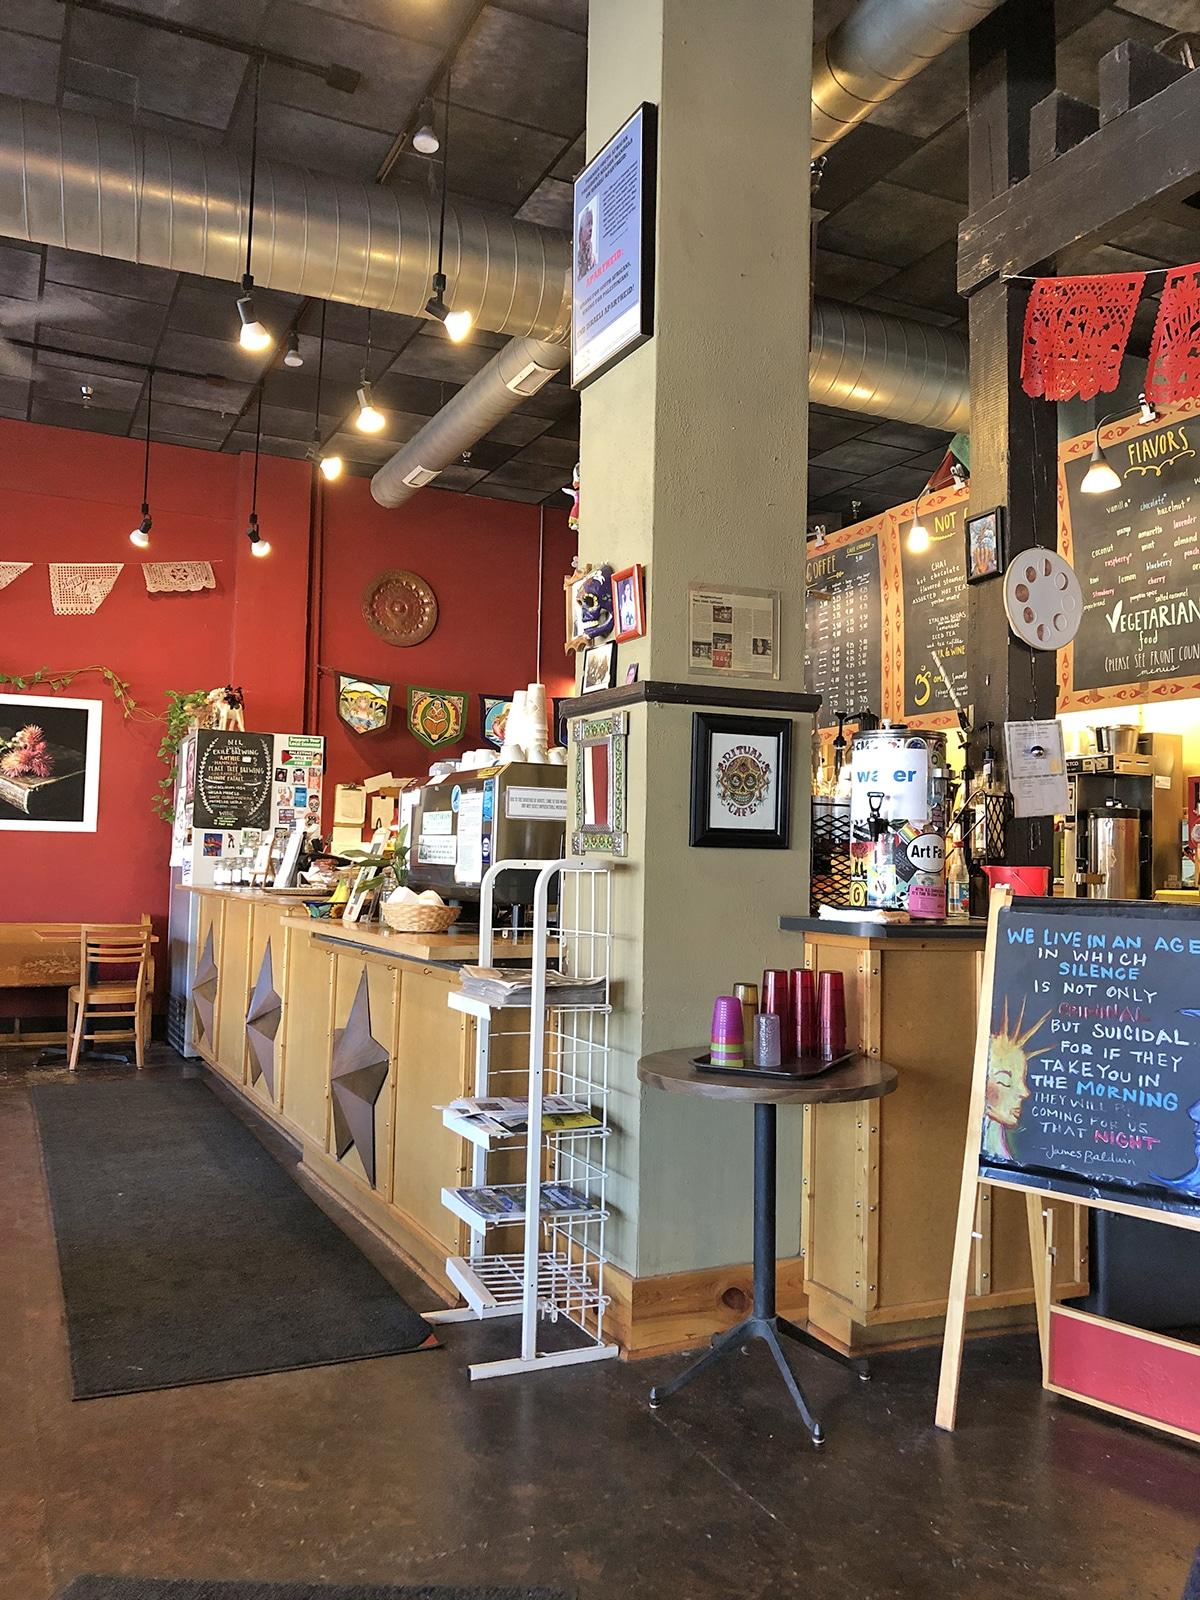 Interior Ritual Cafe in Des Moines, Iowa.